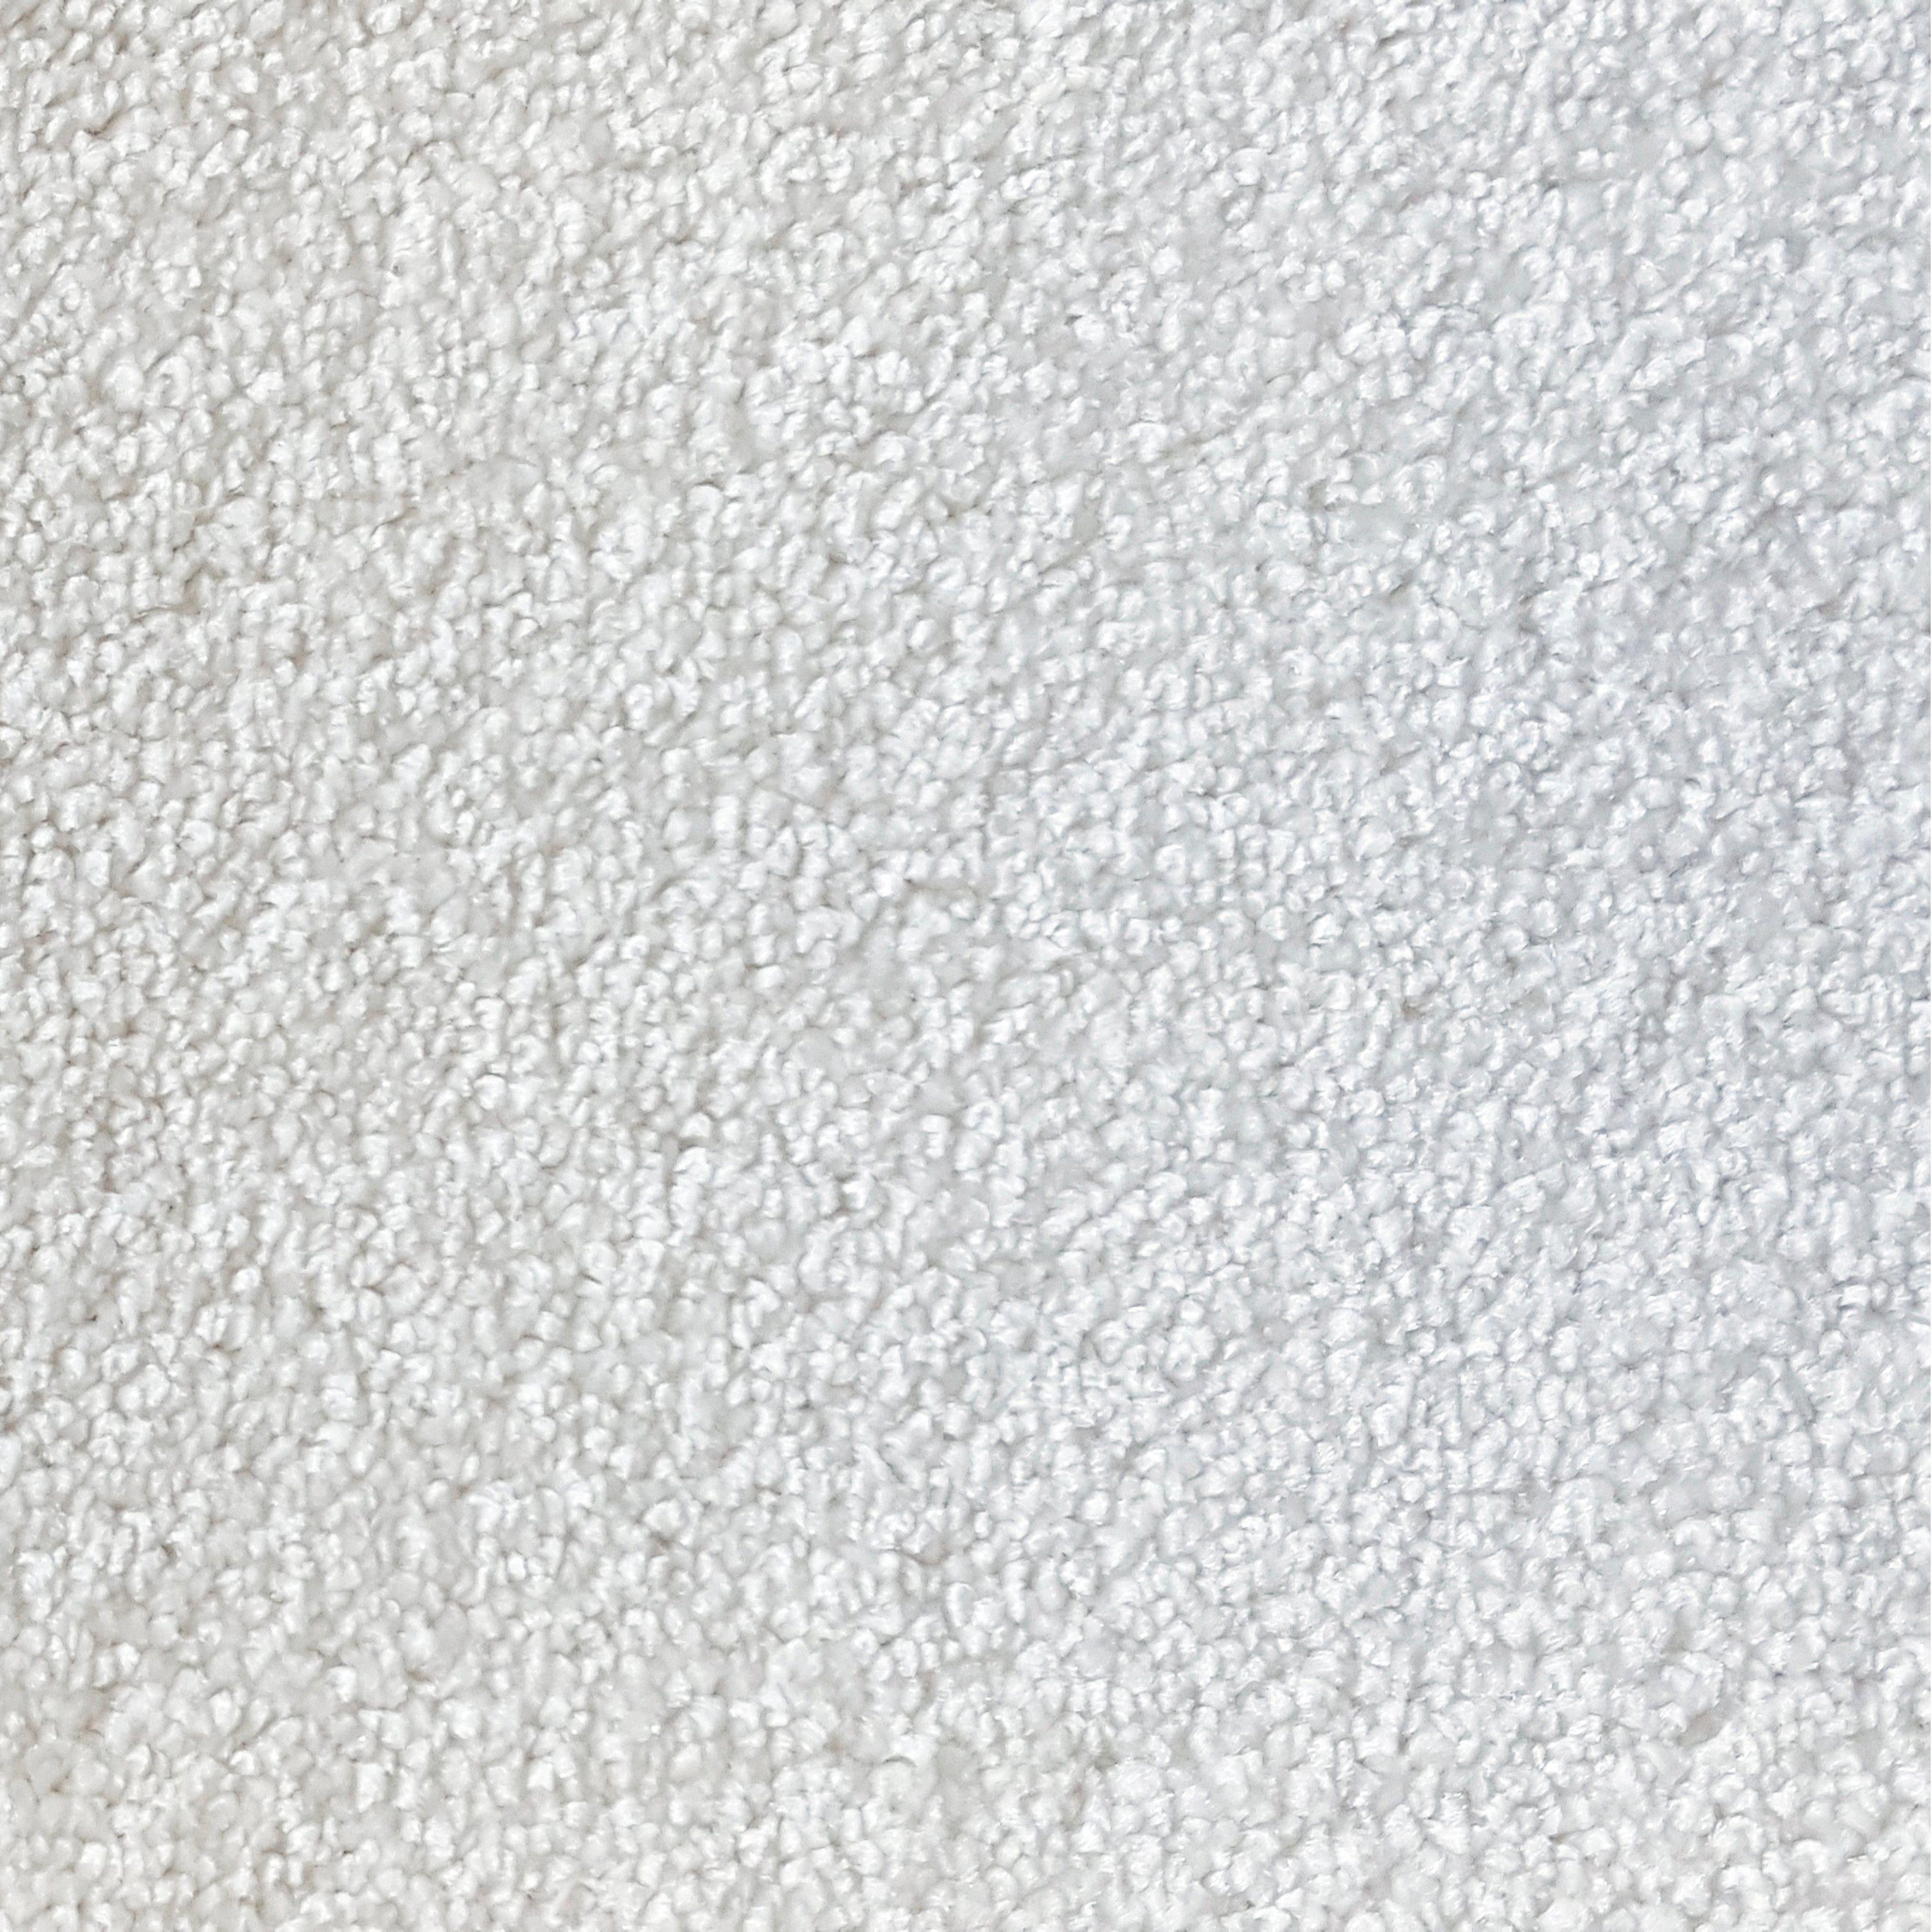 ANDIAMO Teppichboden »Wolga altweiß«, Breite 500 cm